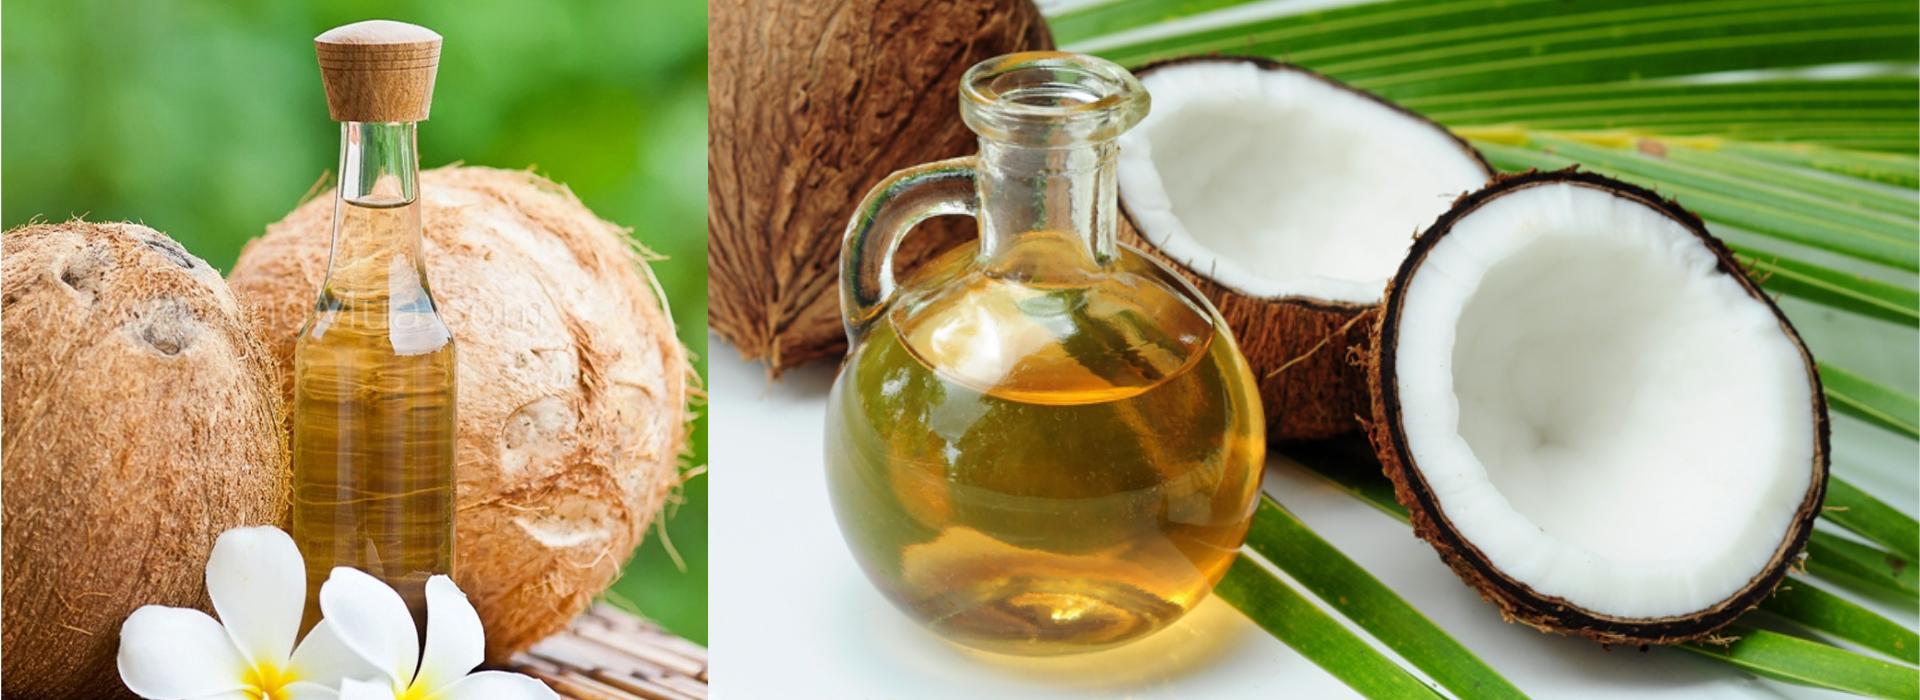 Dầu dừa coconut oill